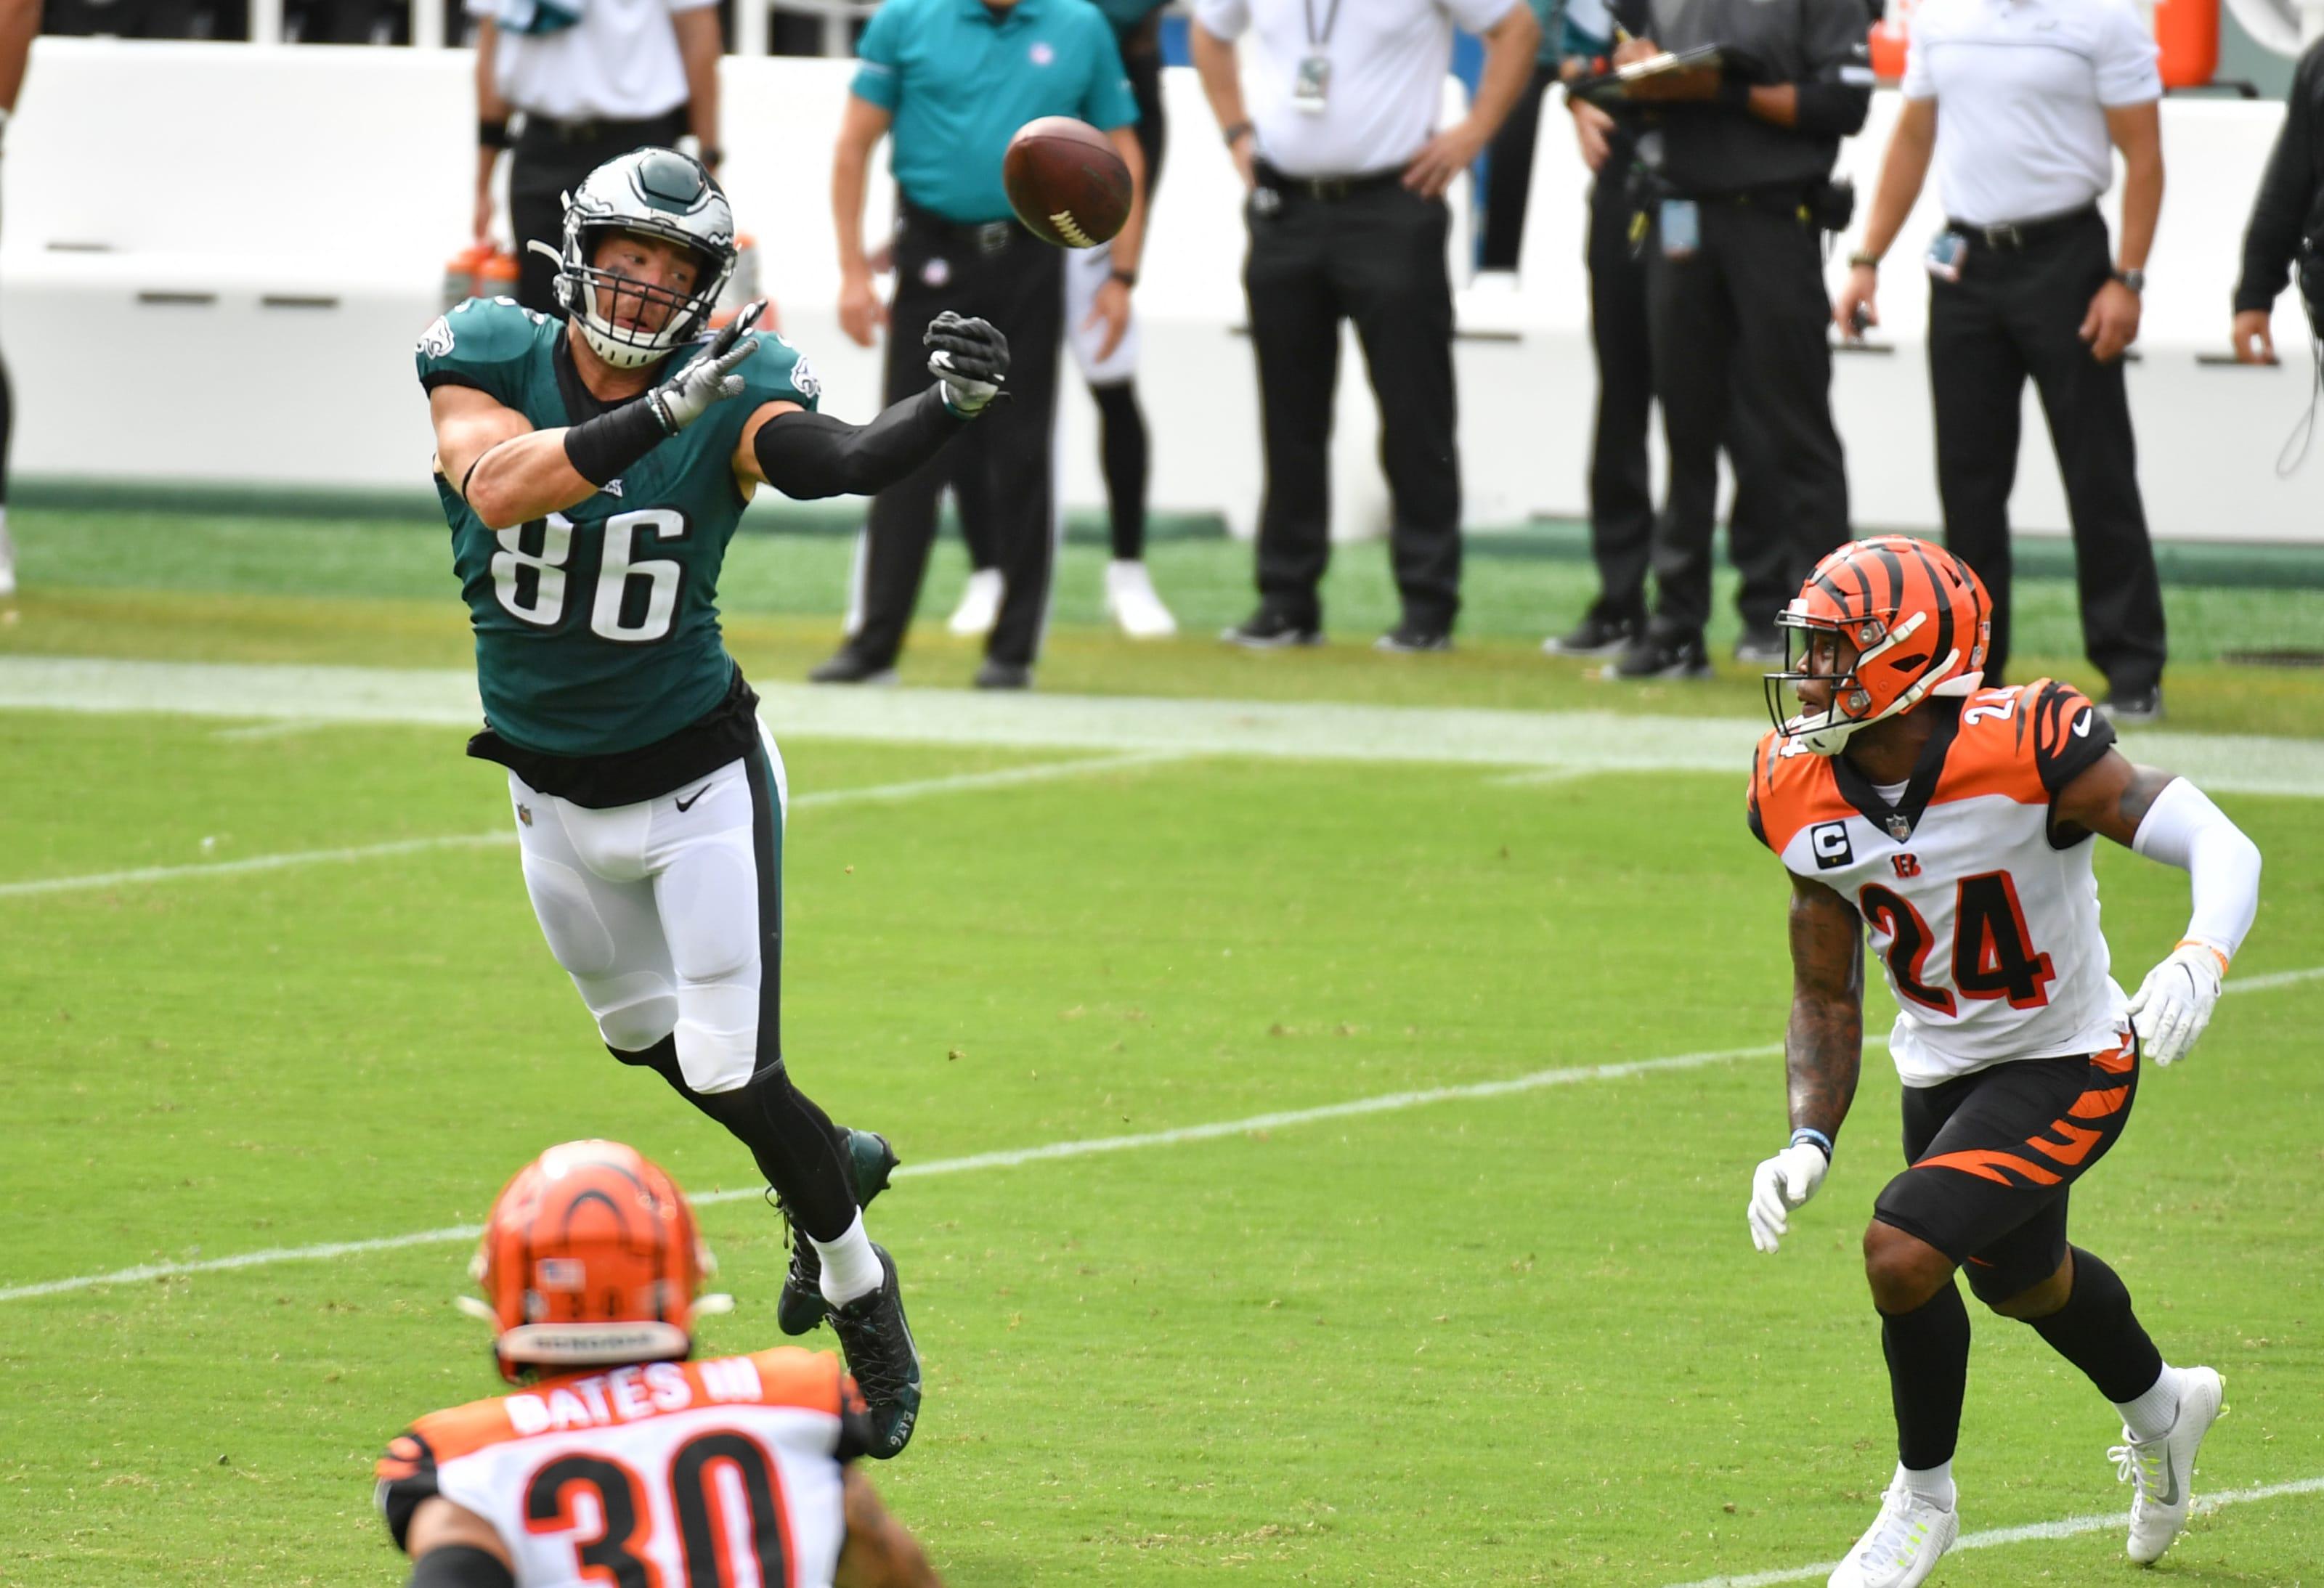 Zach Ertz, Philadelphia Eagles